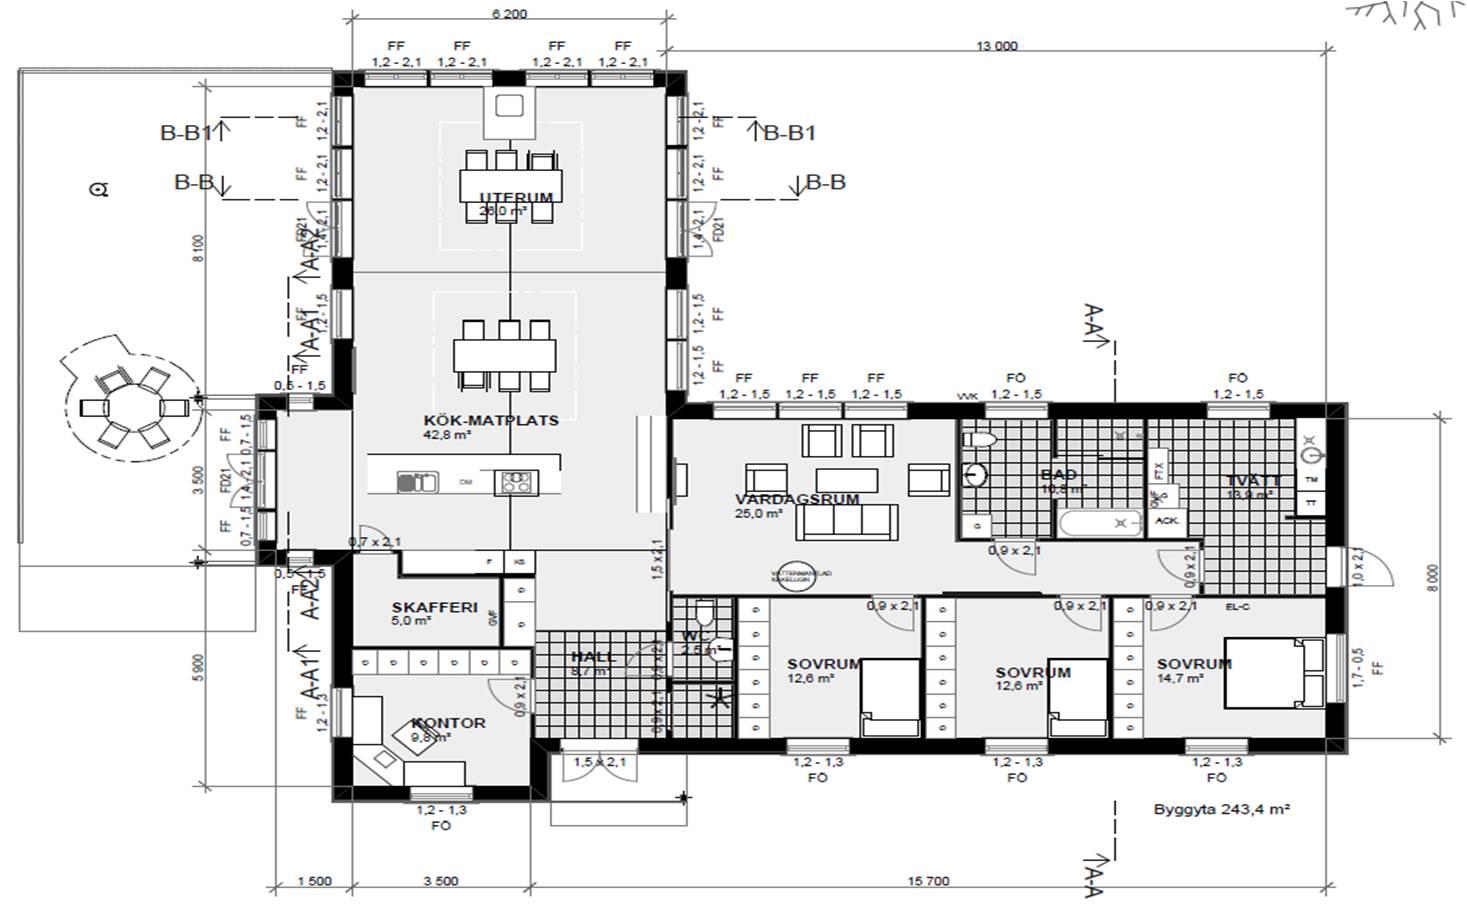 Villa Nystuga - Vårt lågenergihus på landet: Planlösning och fasader